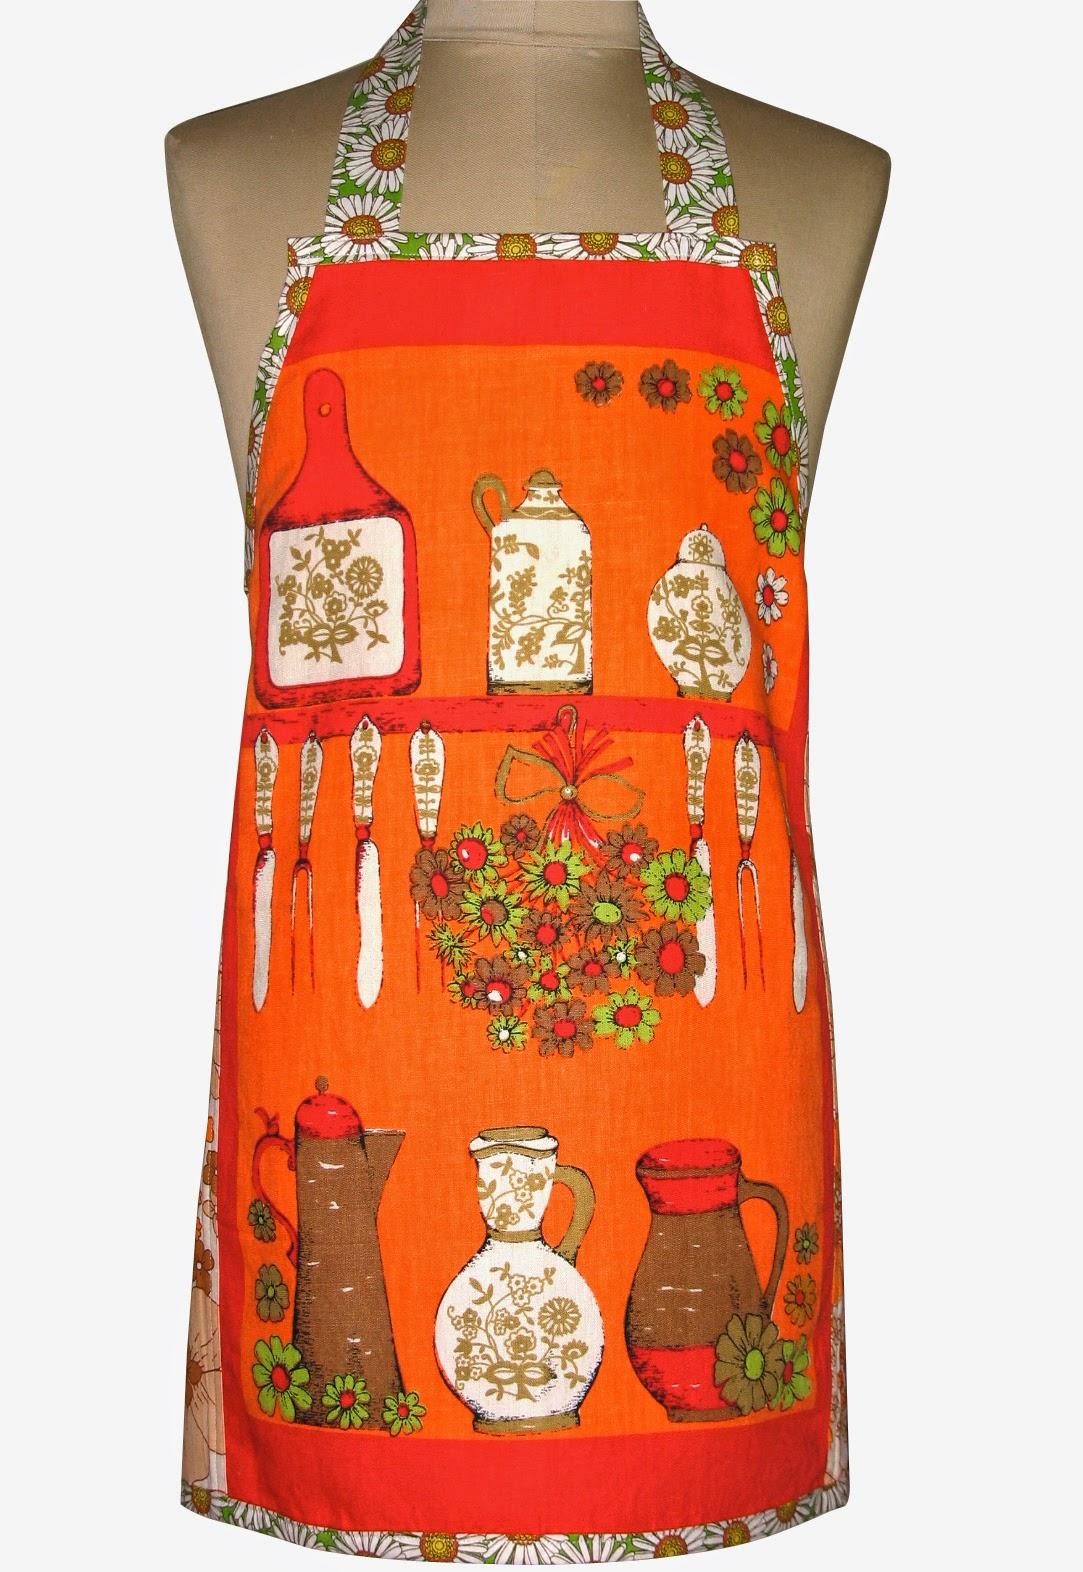 Retro Orange Kitchen Table